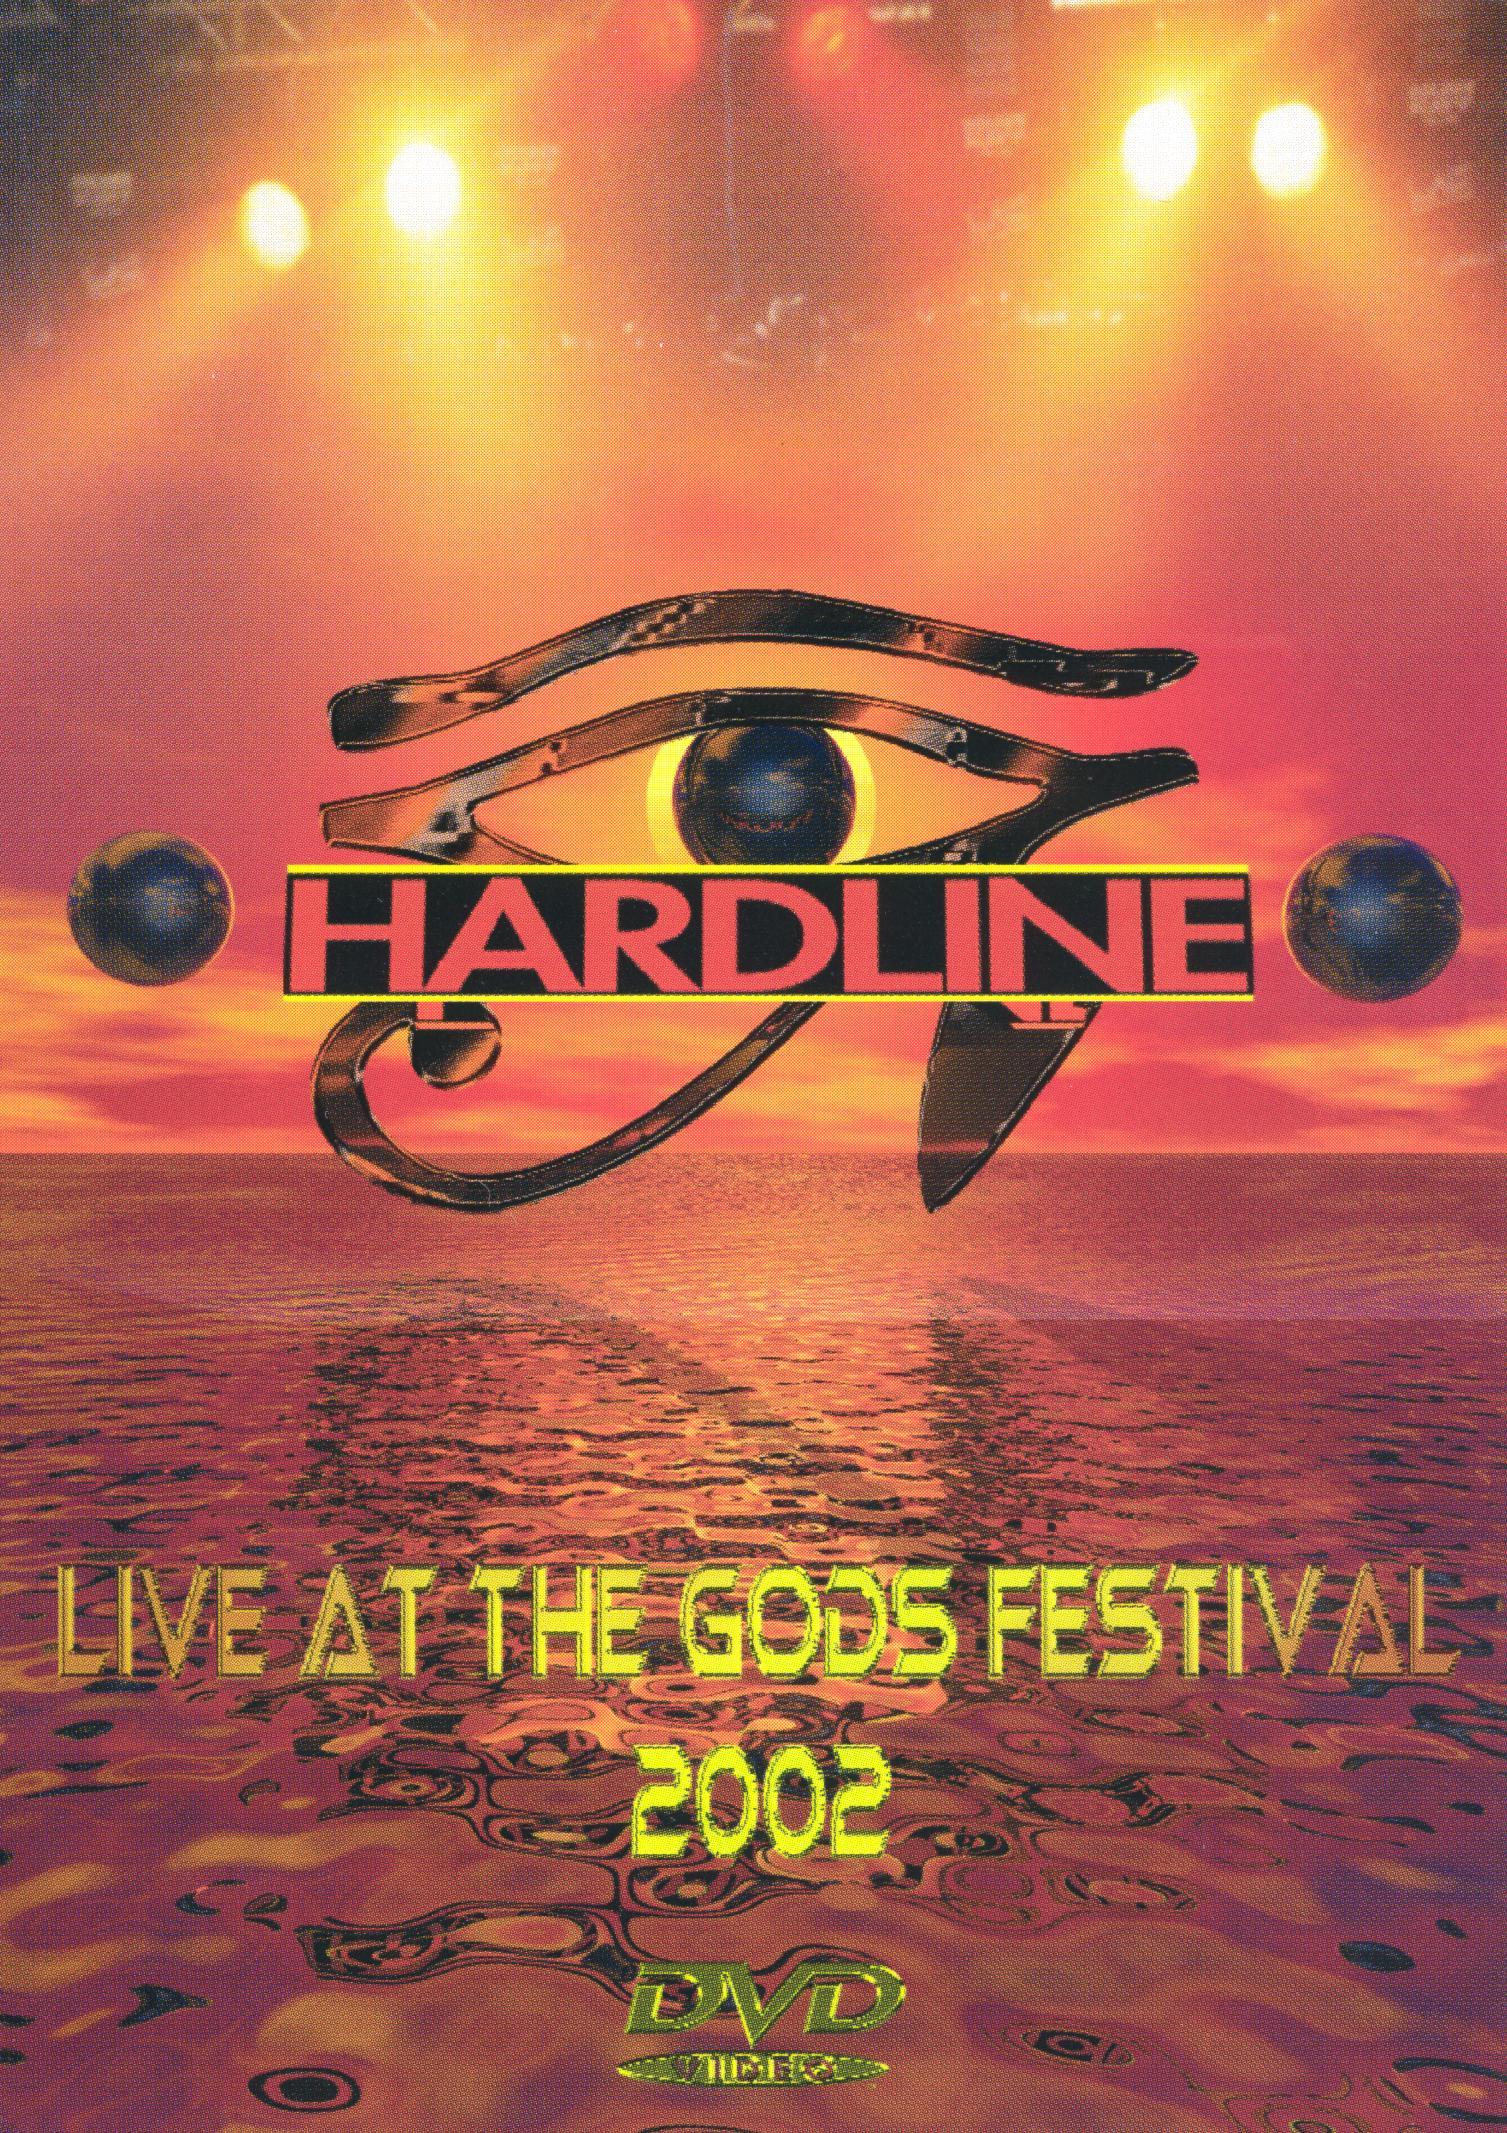 Hardline: Live at the Gods Festival 2002